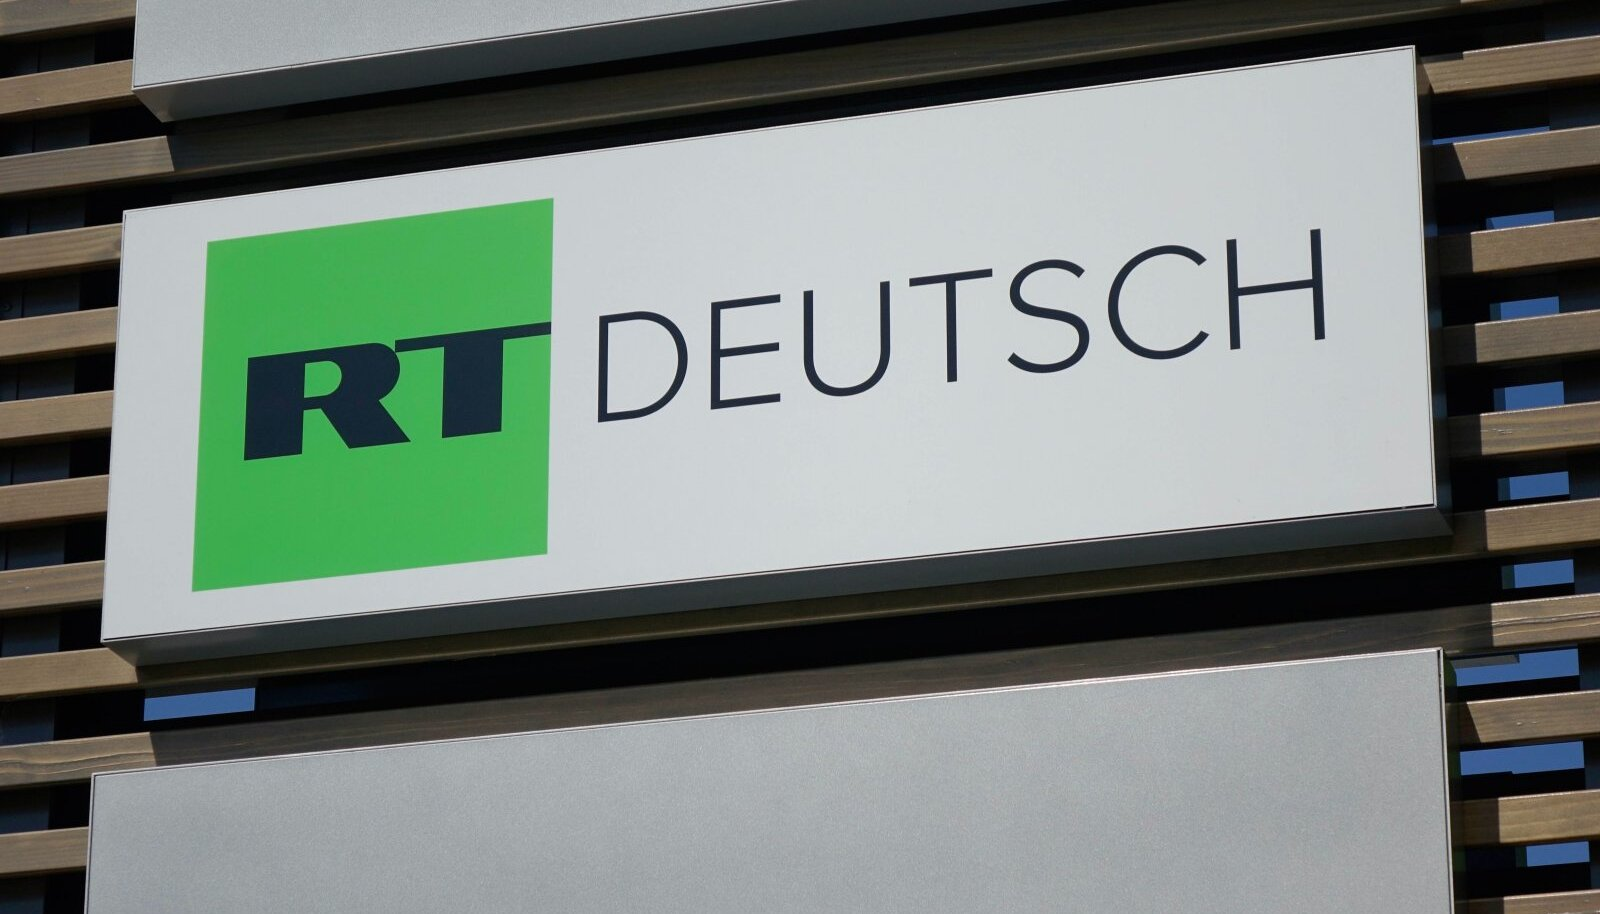 Schild von RT Deutsch Schild von RT Deutsch 06 05 2018 Adlershof Am Studio Berlin In Adlershof